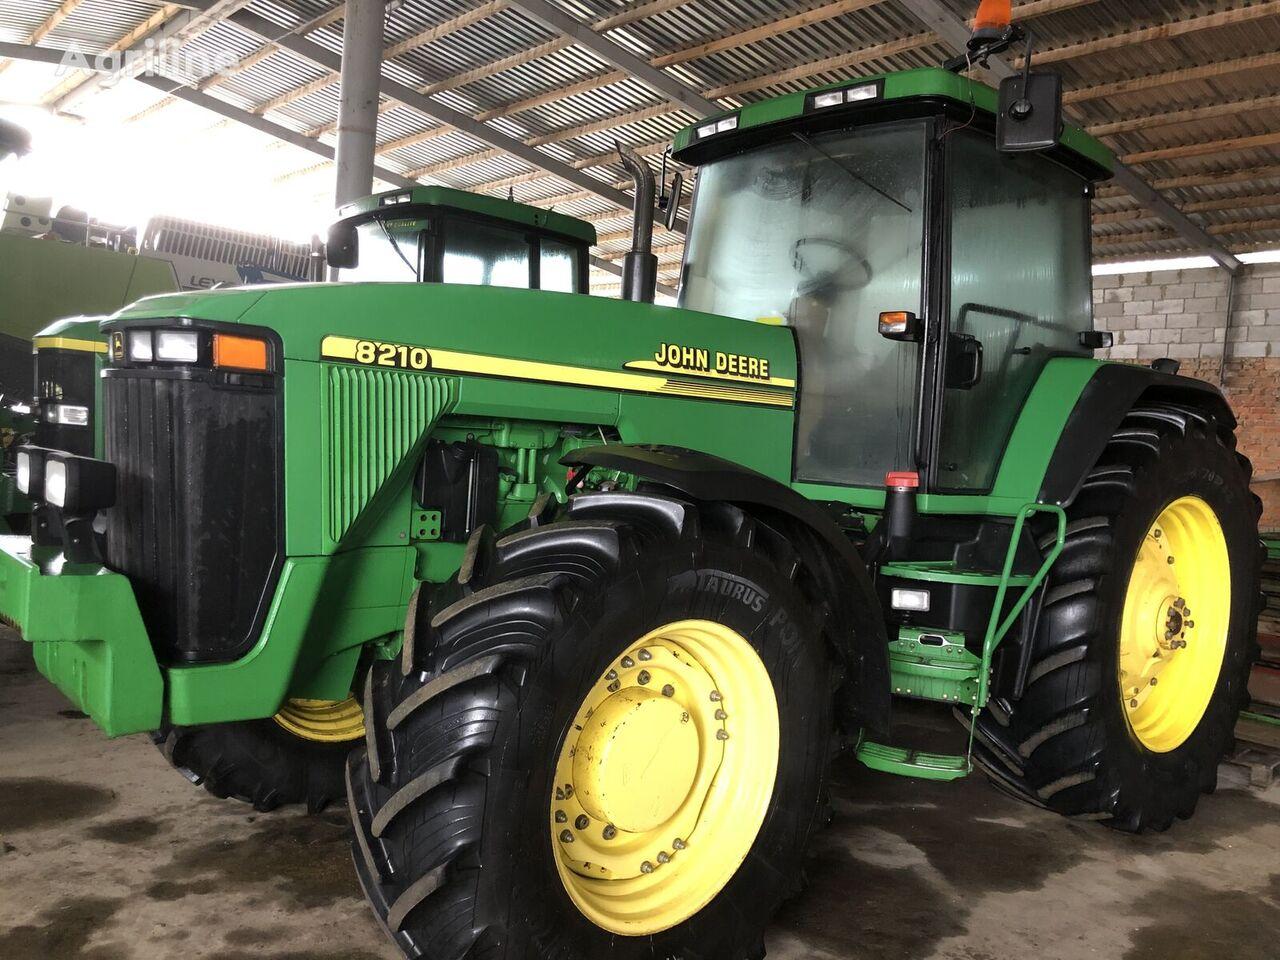 JOHN DEERE 8210 wheel tractor